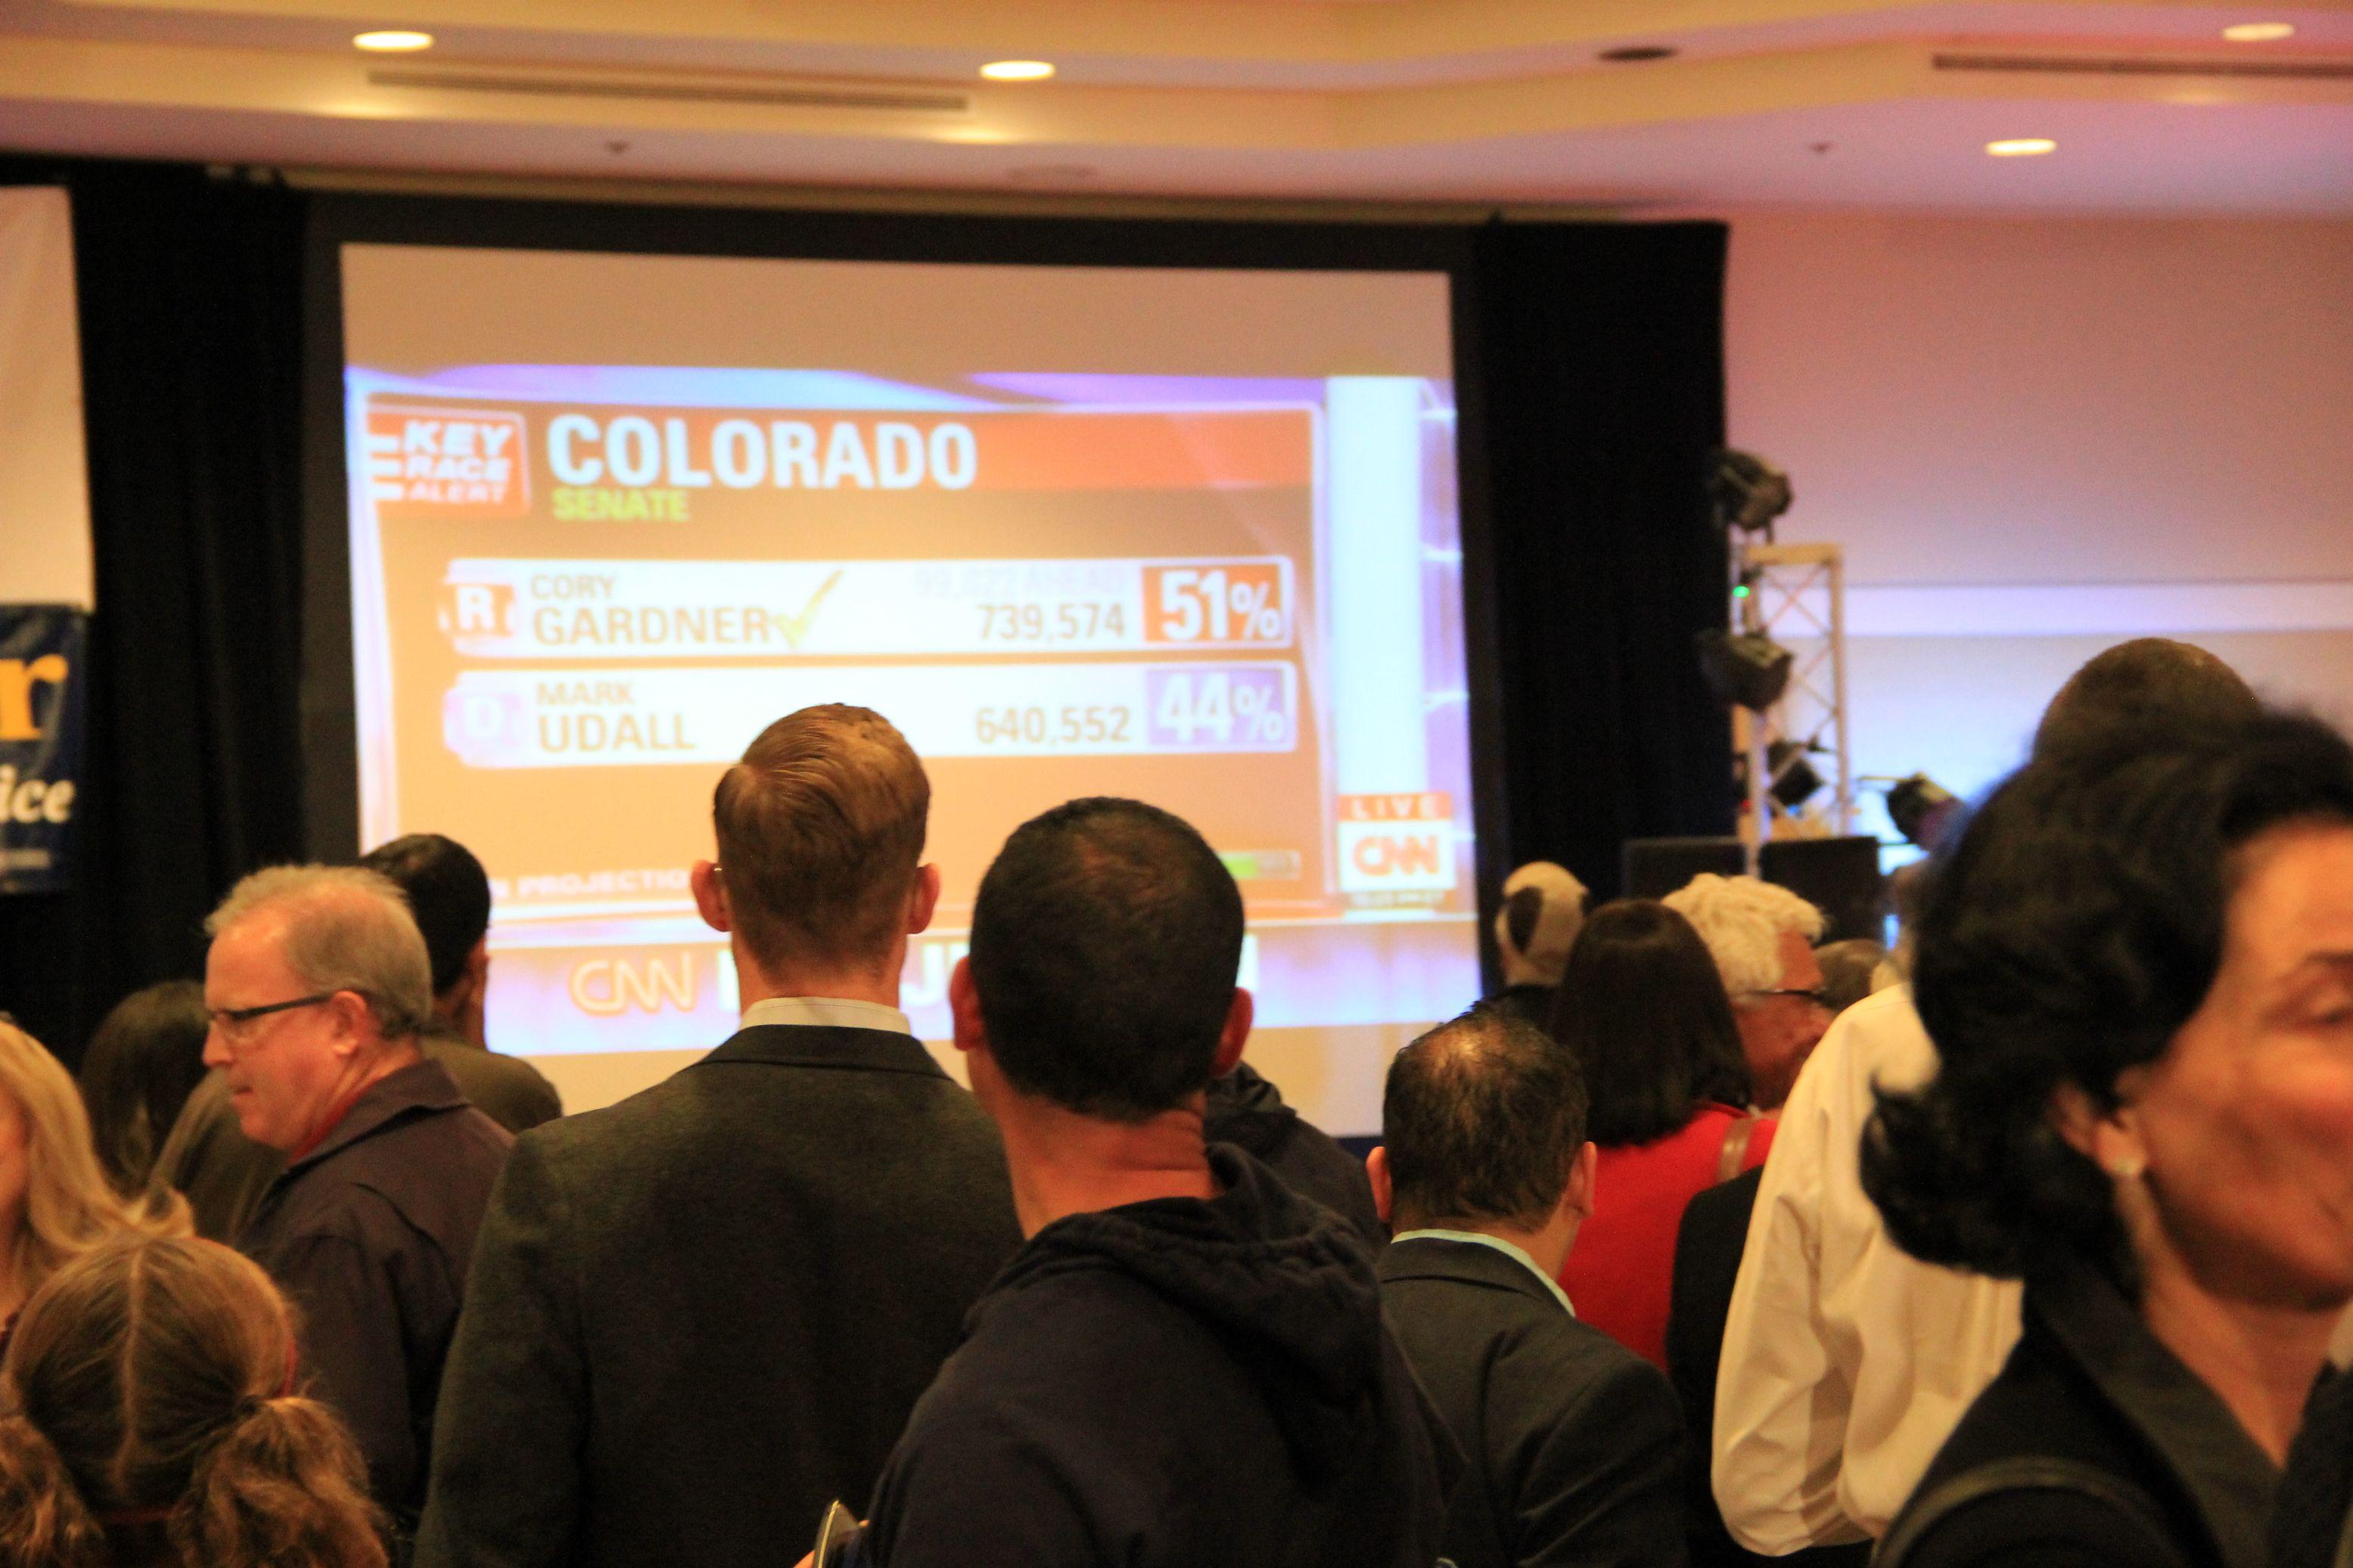 Denver Democrats party on amid gloom over Senate defeat in Colorado